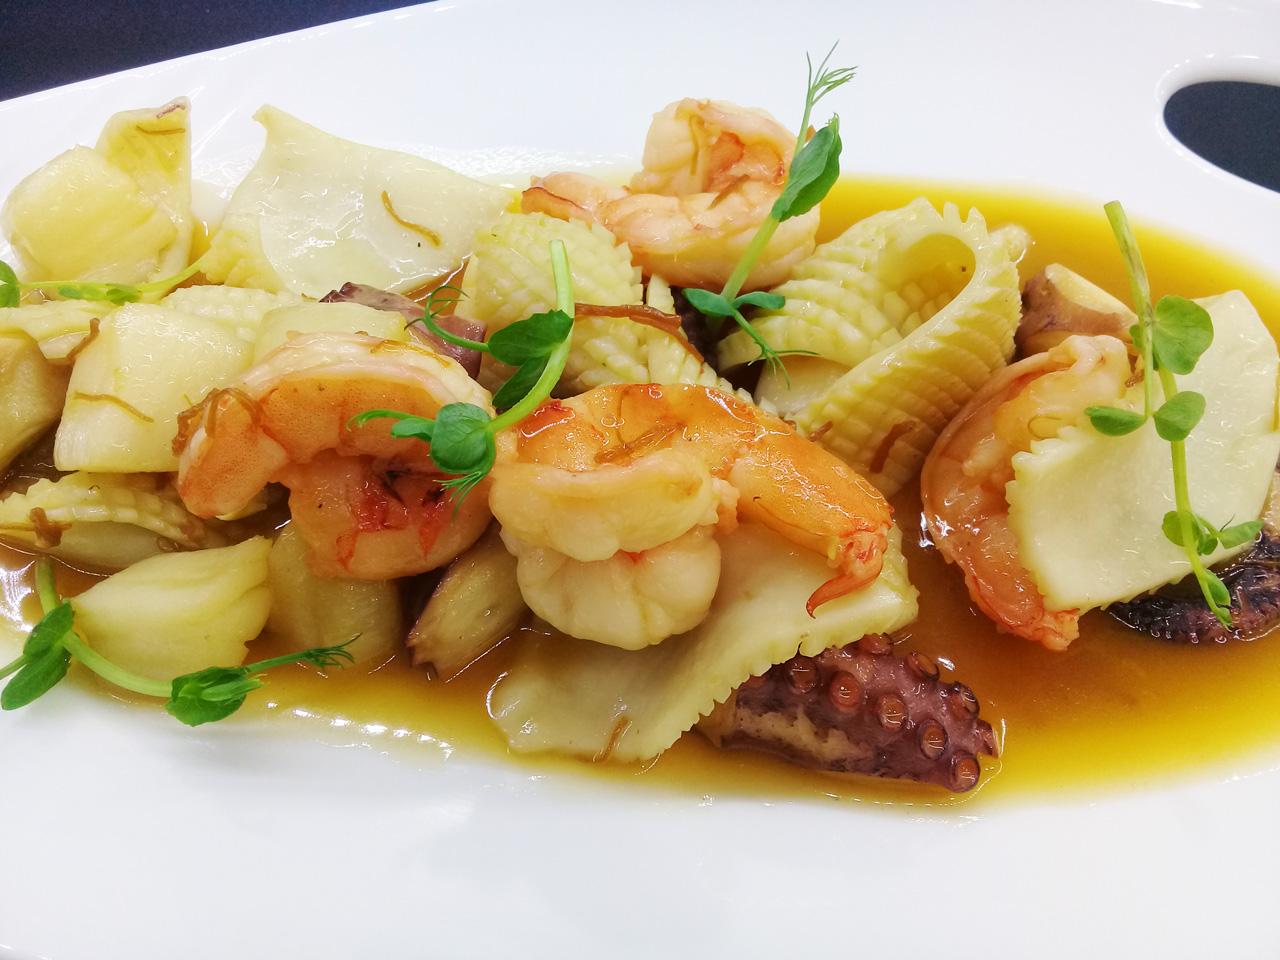 Жареные морепродукты - в ресторане Аннам Брахма в Оренбурге